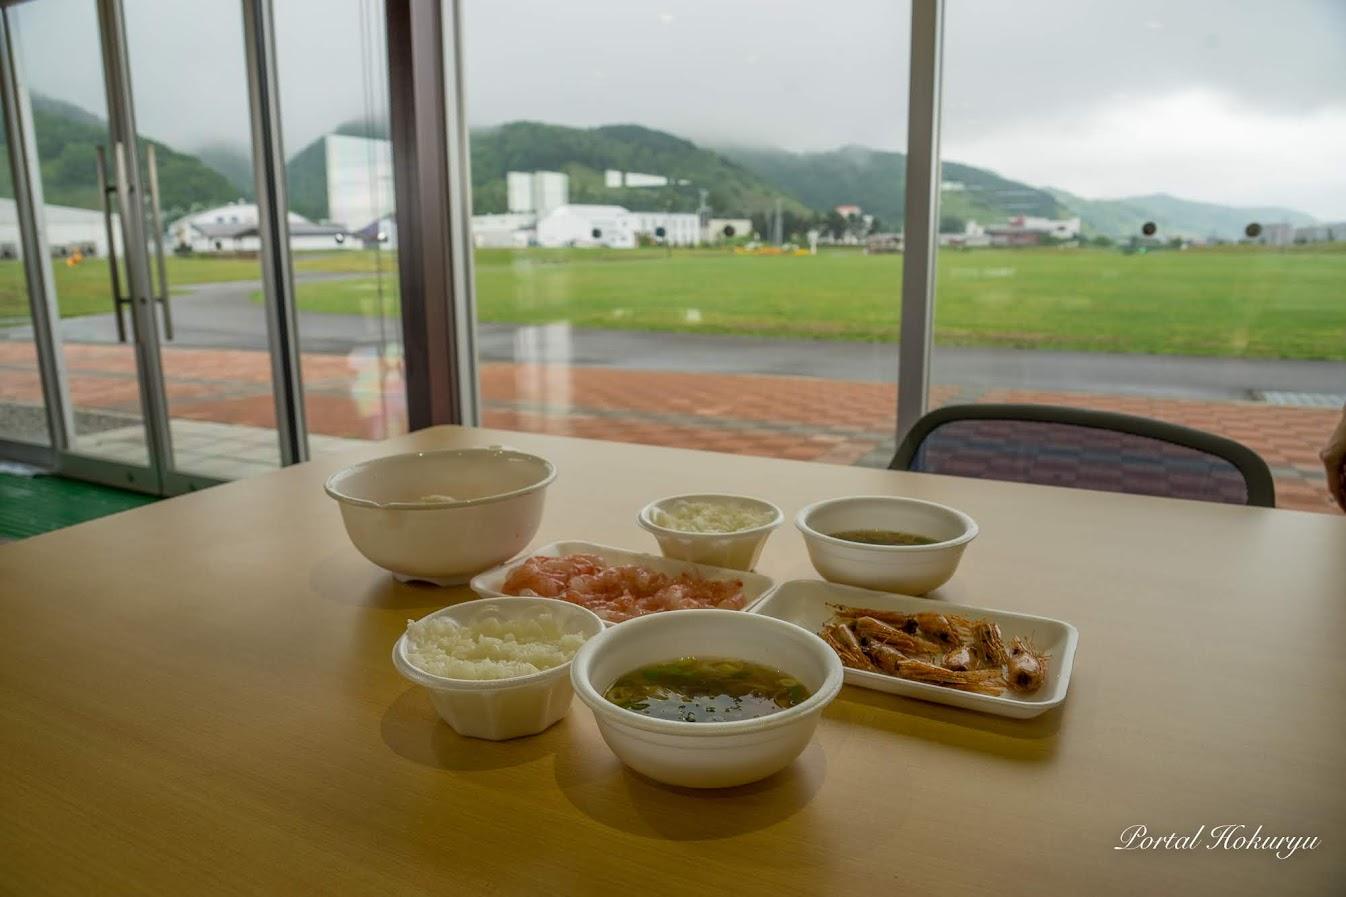 ふなばカフェ@るしん ふれ愛パーク(留萌市)外には緑の芝生が広がります